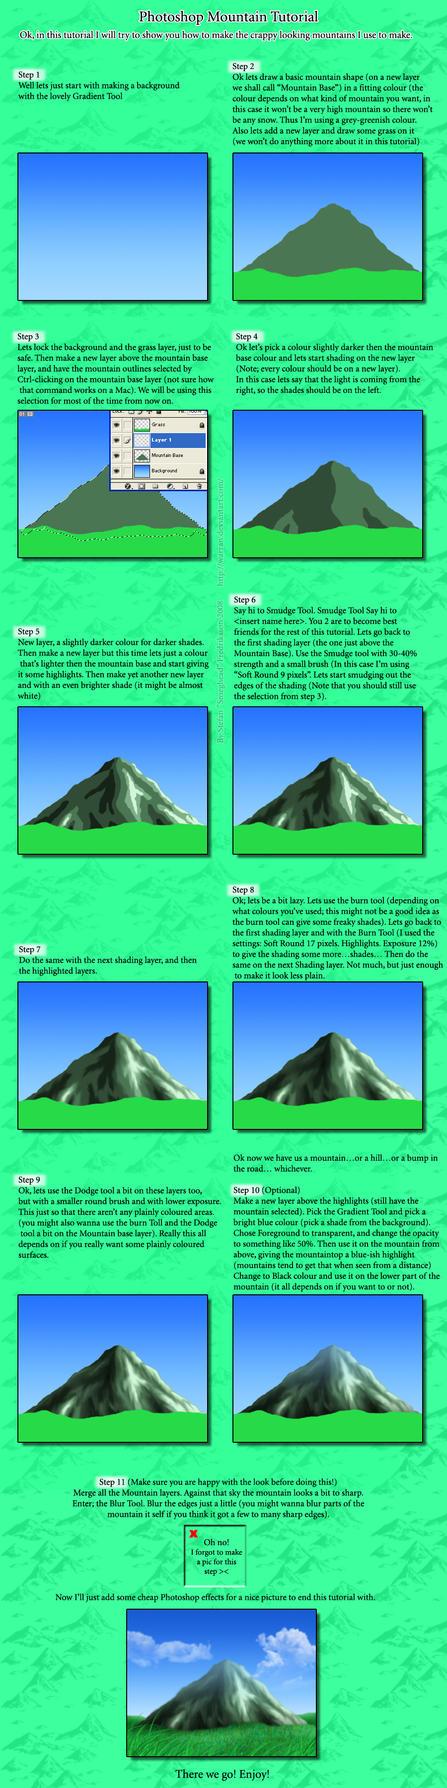 Mountain Tutorial by Warran